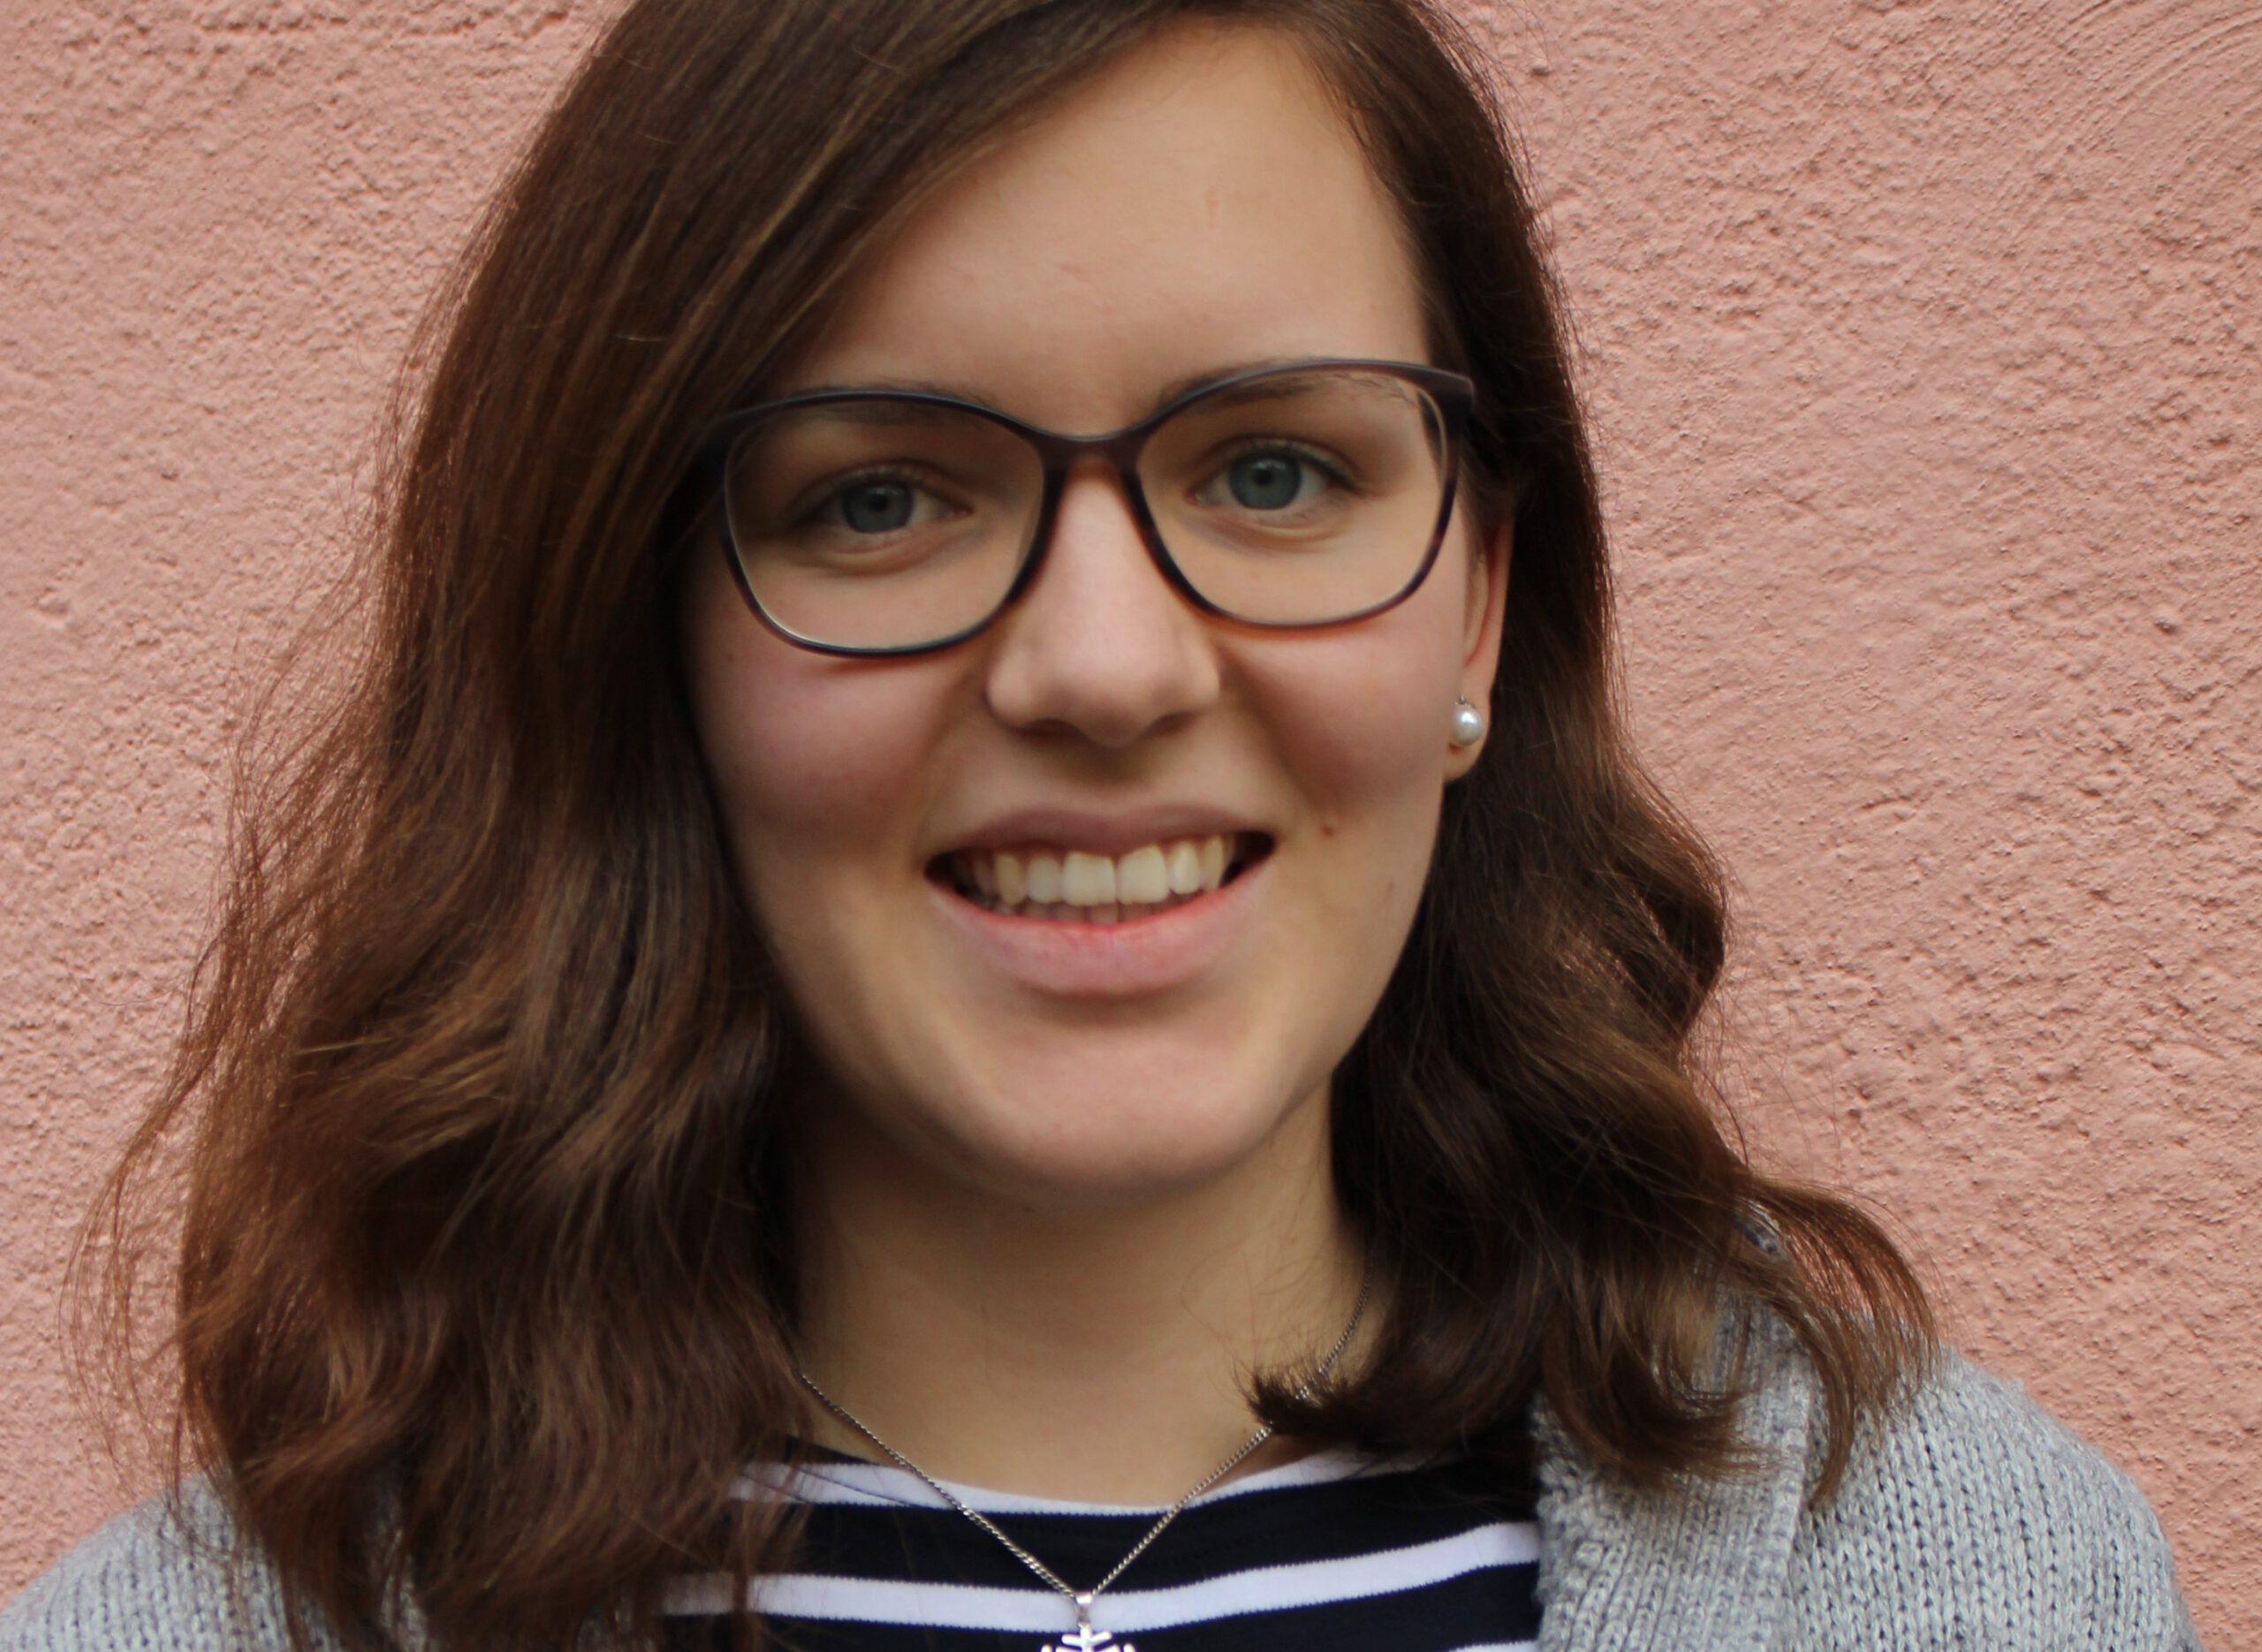 Annika Kern